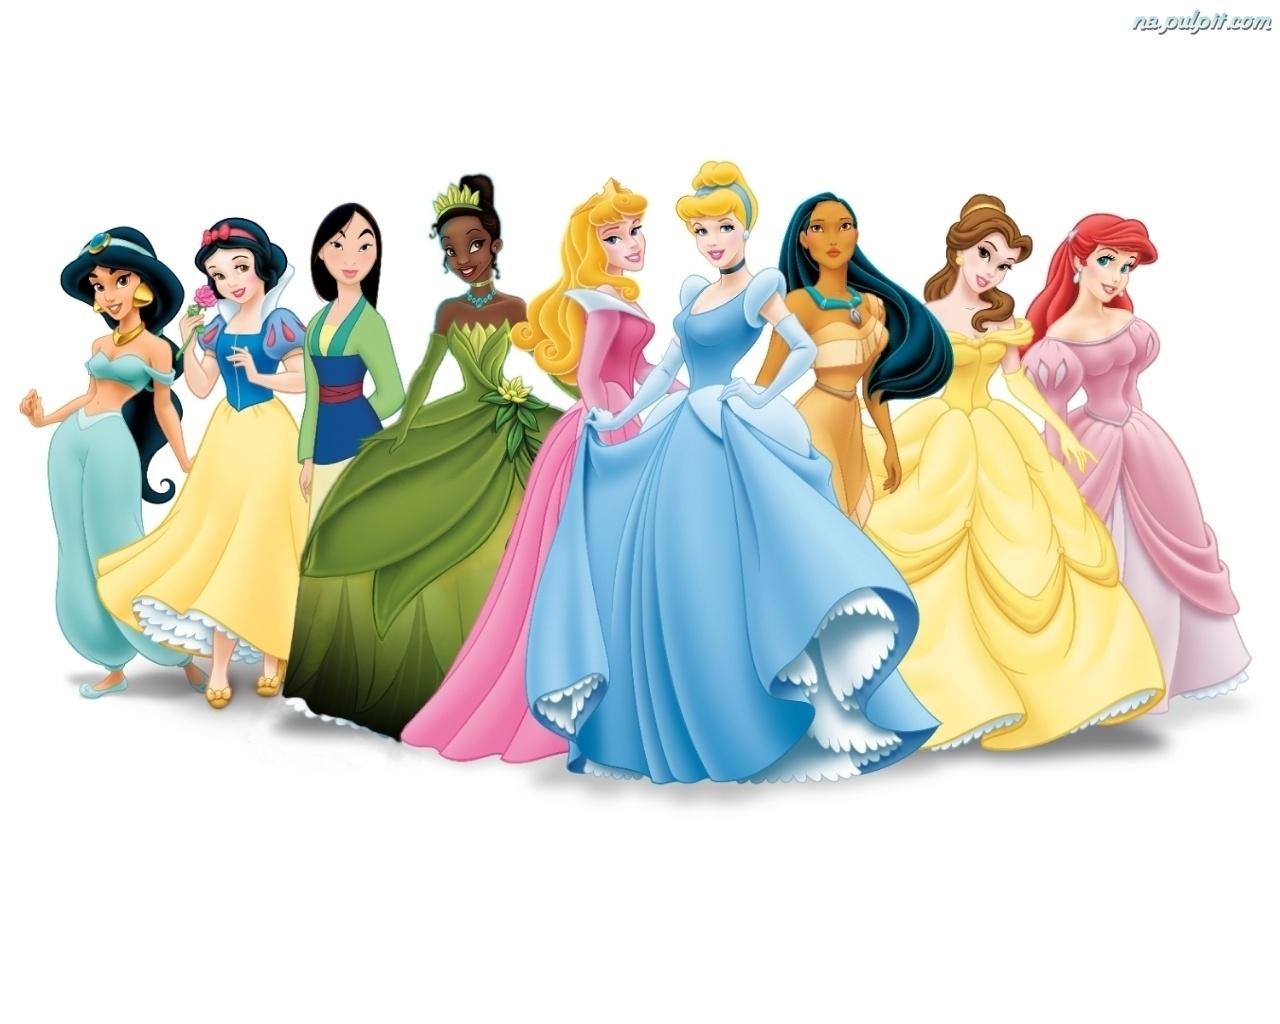 II tydzień Zabawy Kolorem :) Tym razem Księżniczki Disney'a :)